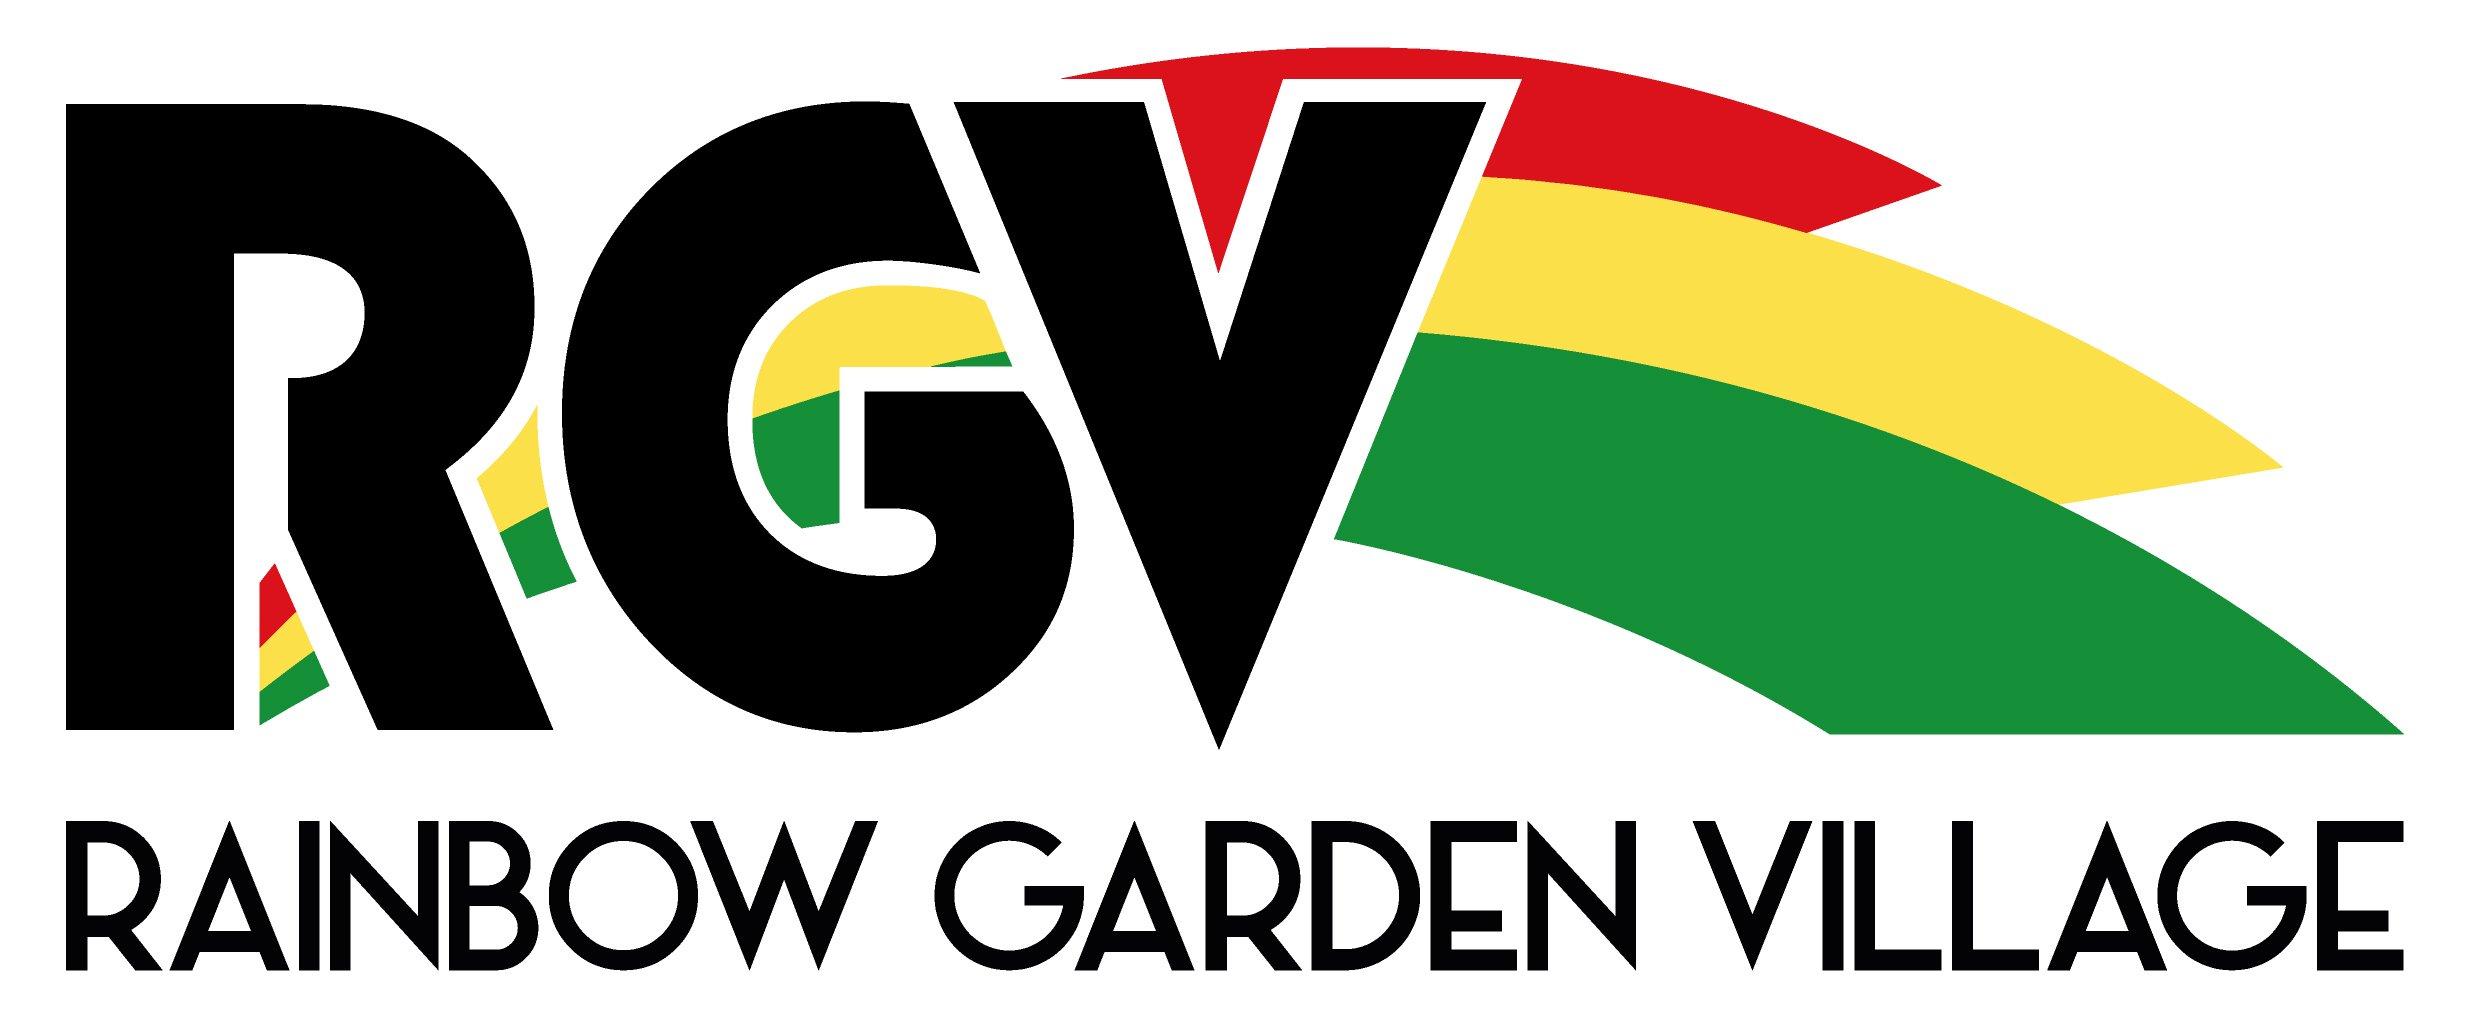 Rainbow Garden Village